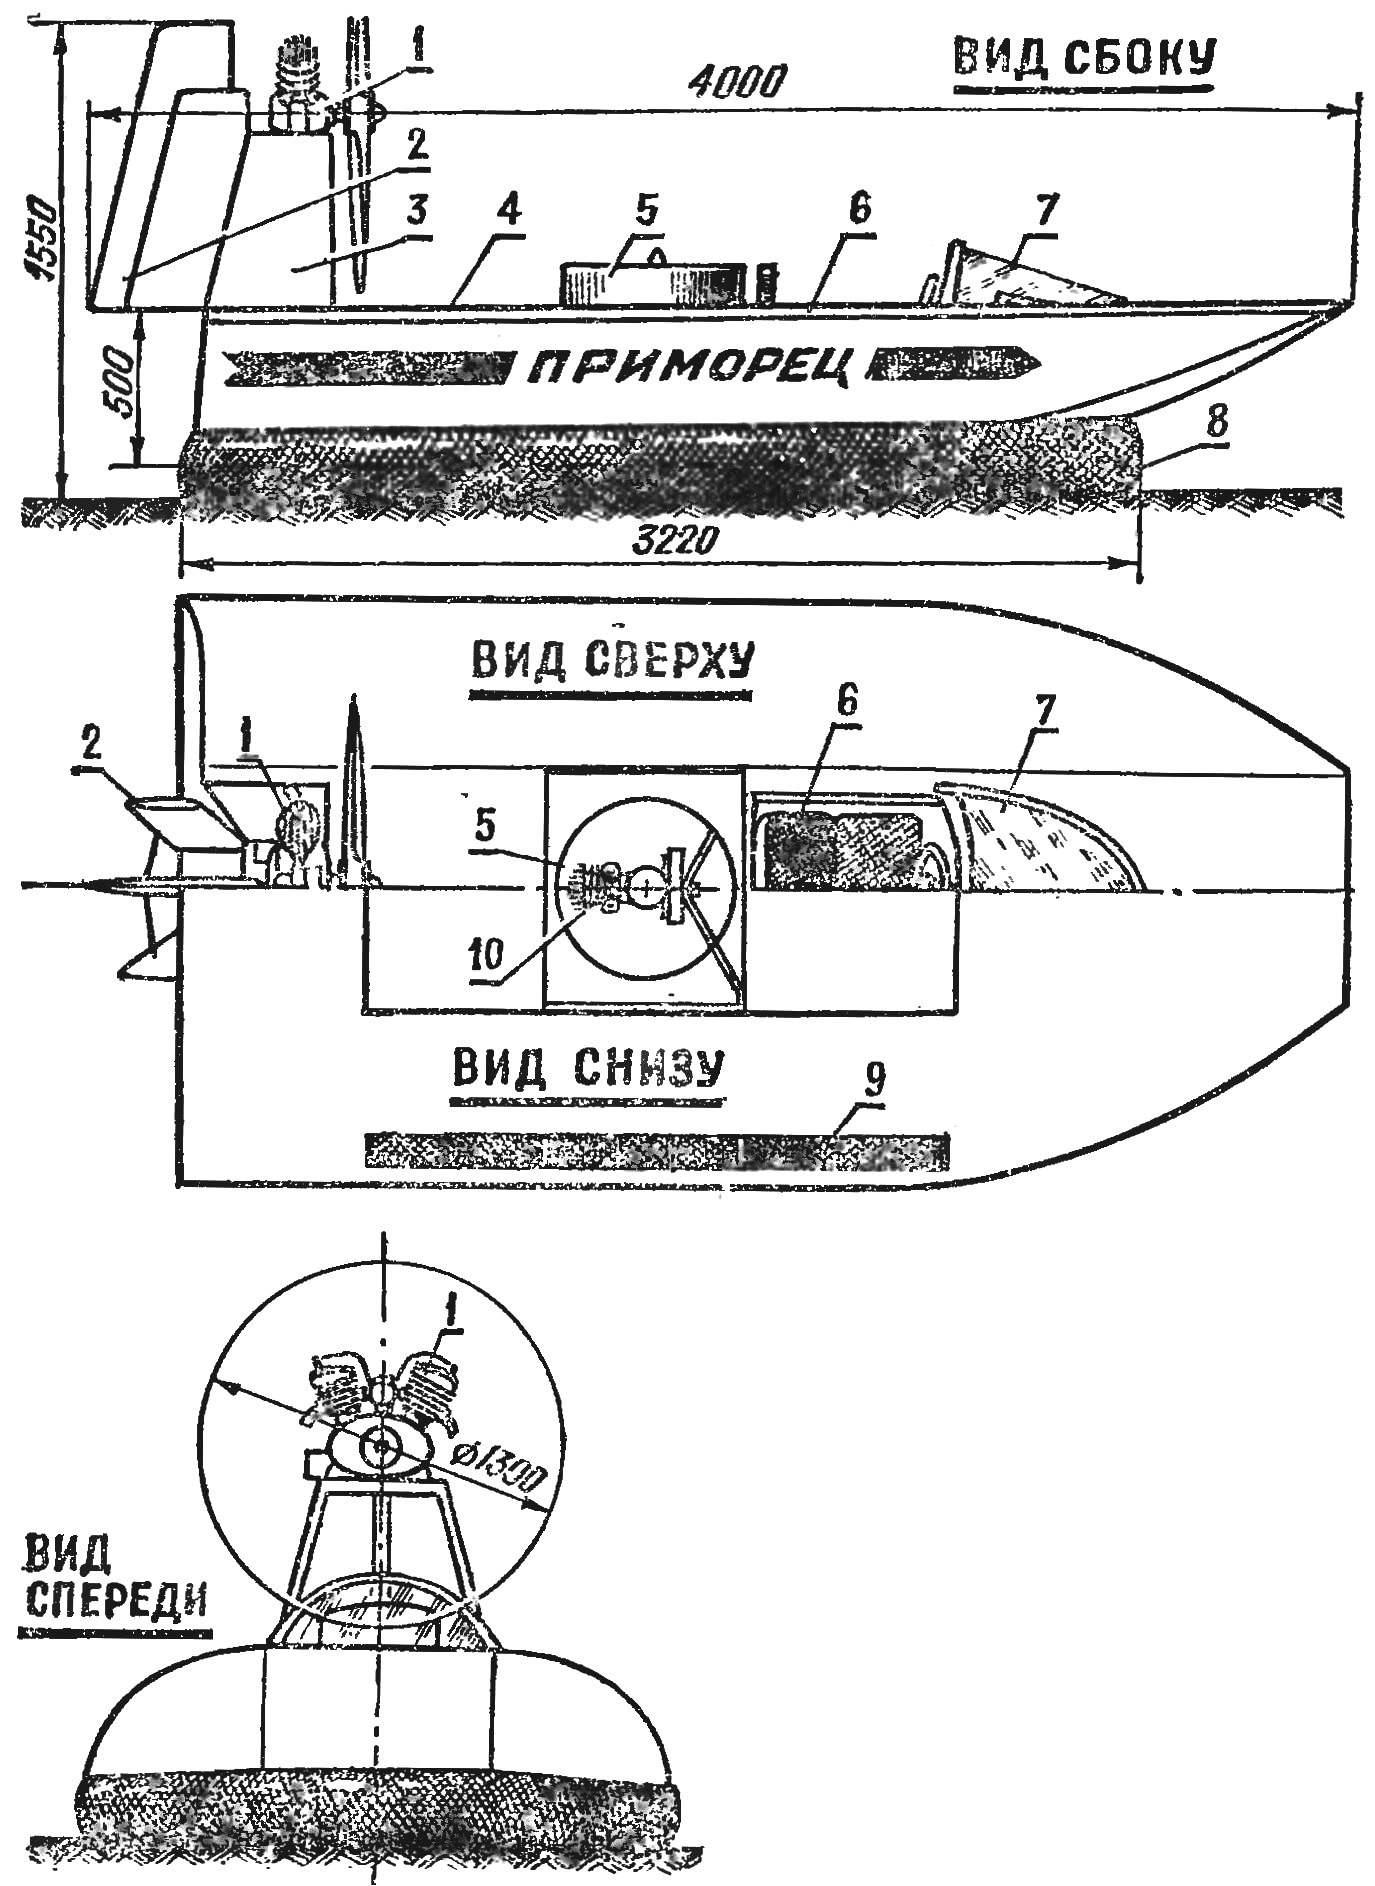 Рис. 1. Схема в трех проекциях